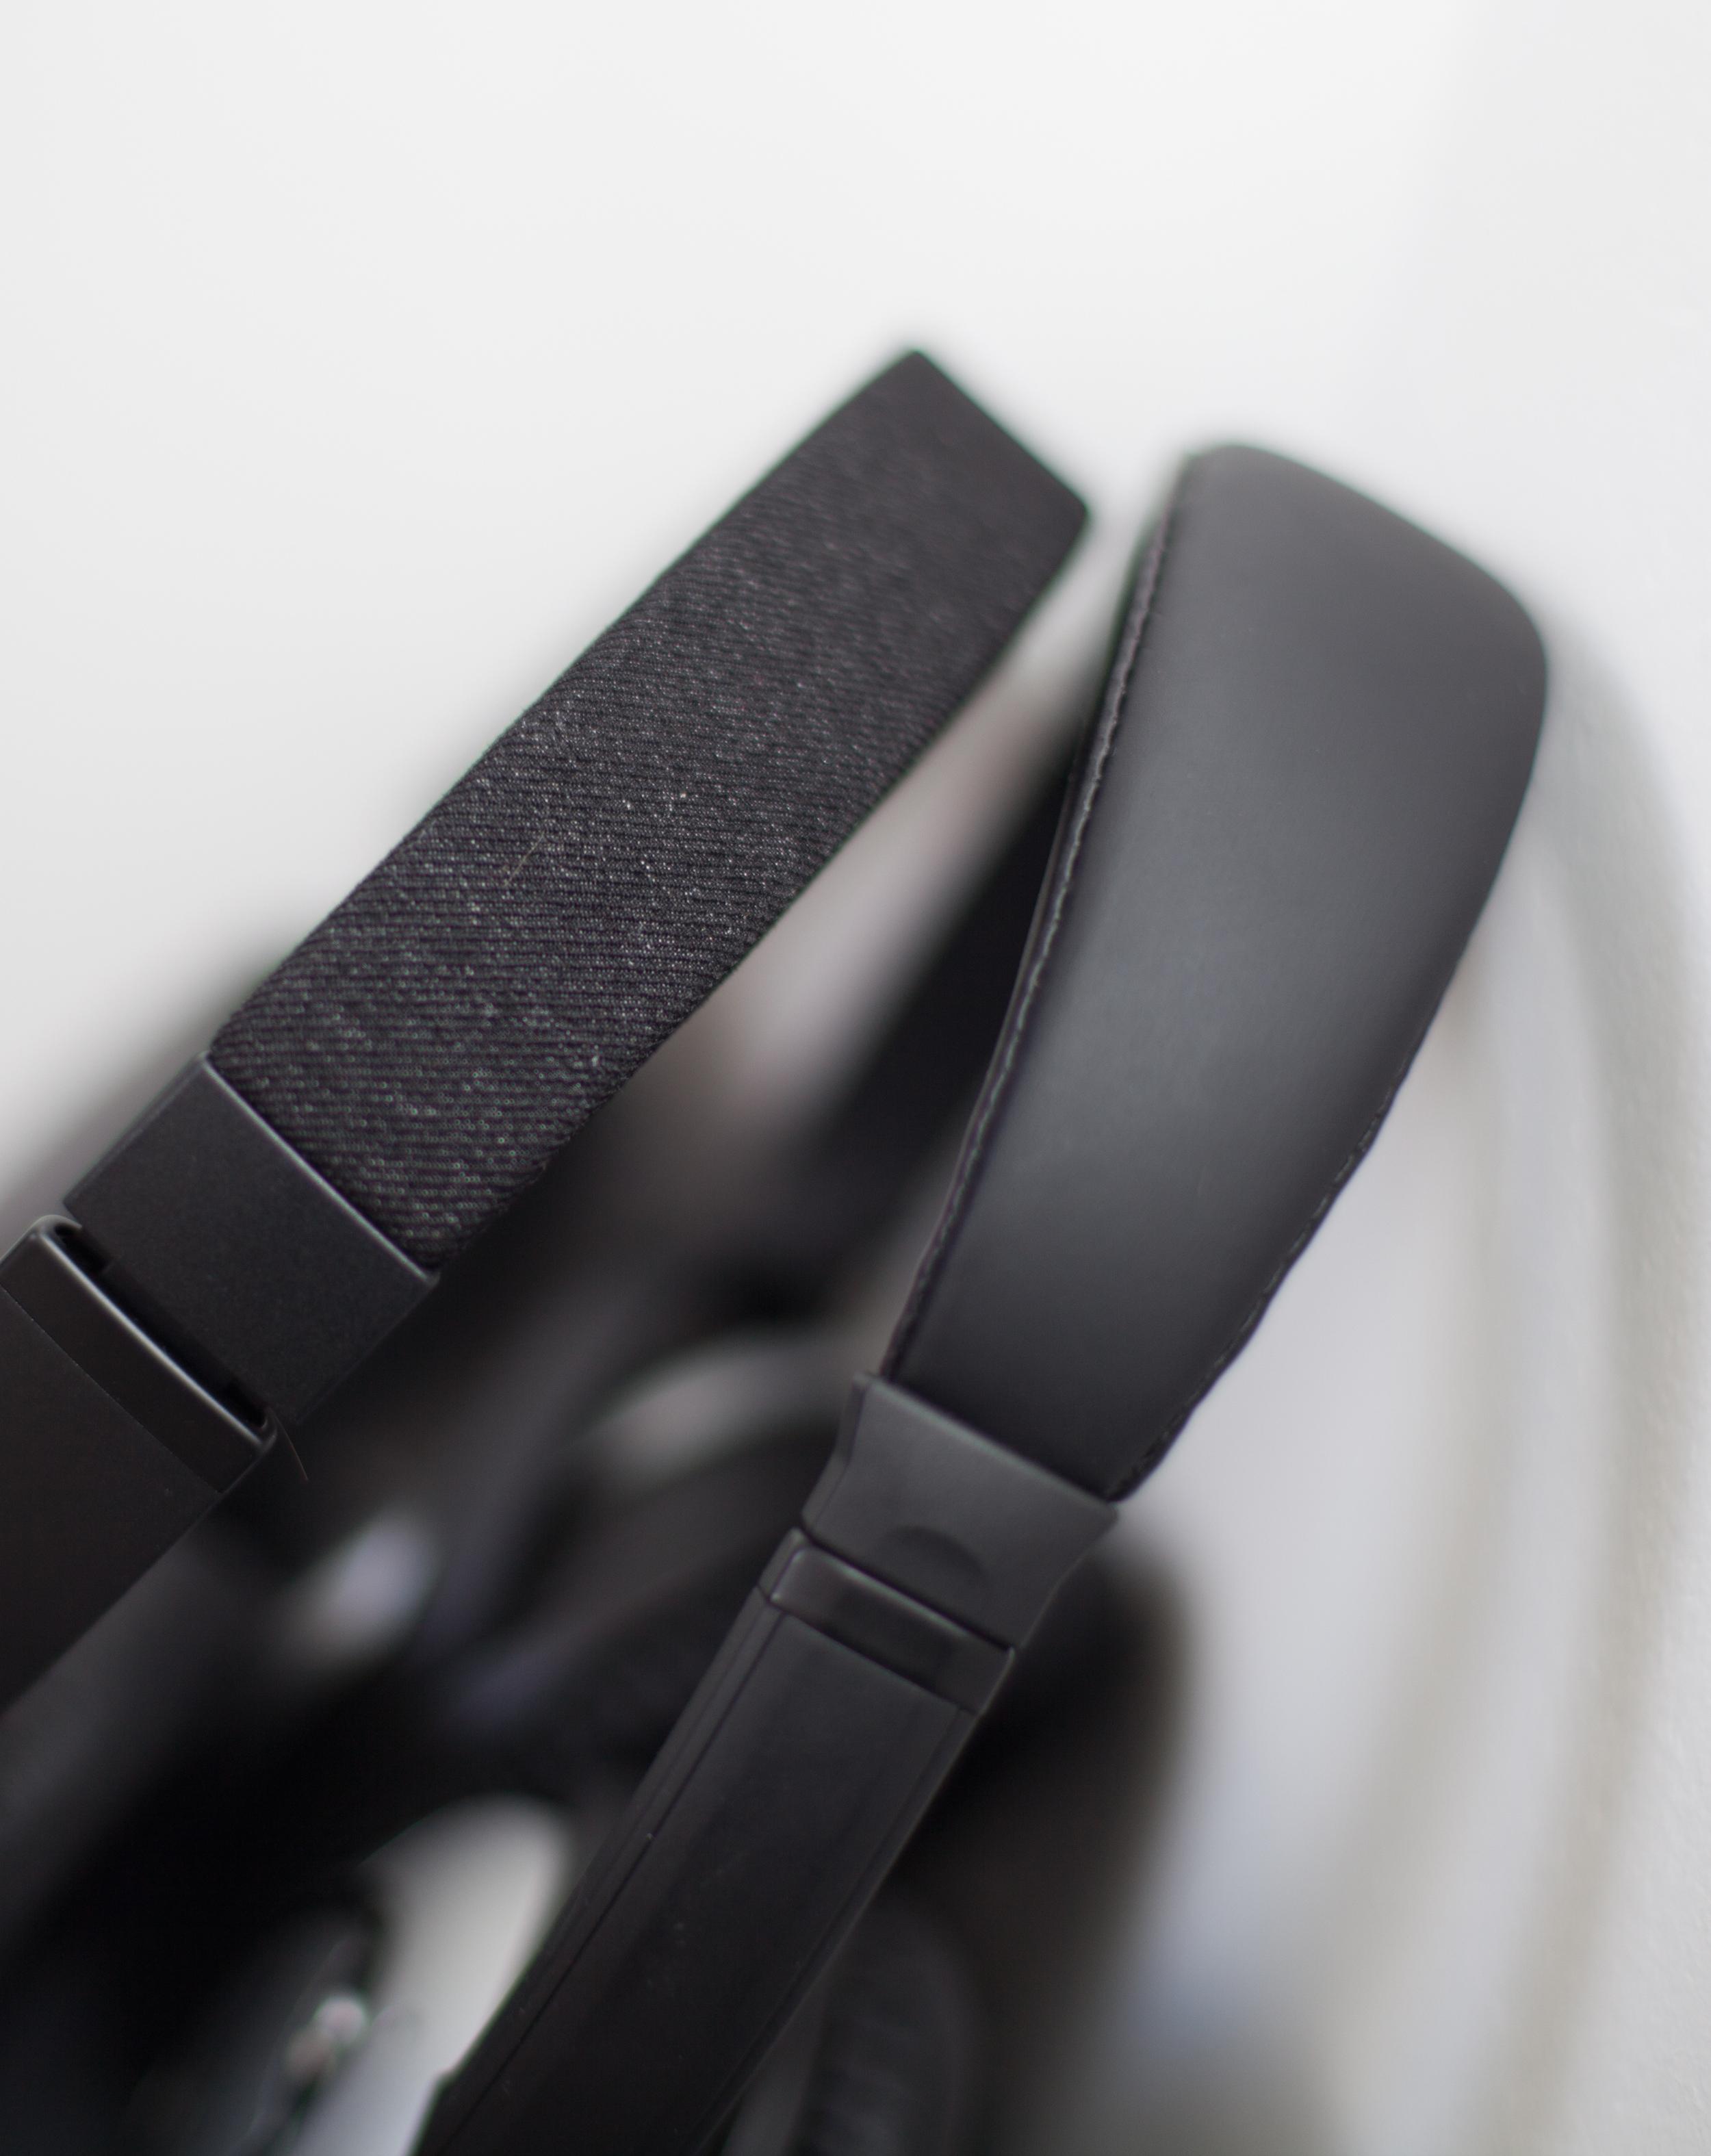 Bose-Quiet-Comfort-15-Review-12.jpg